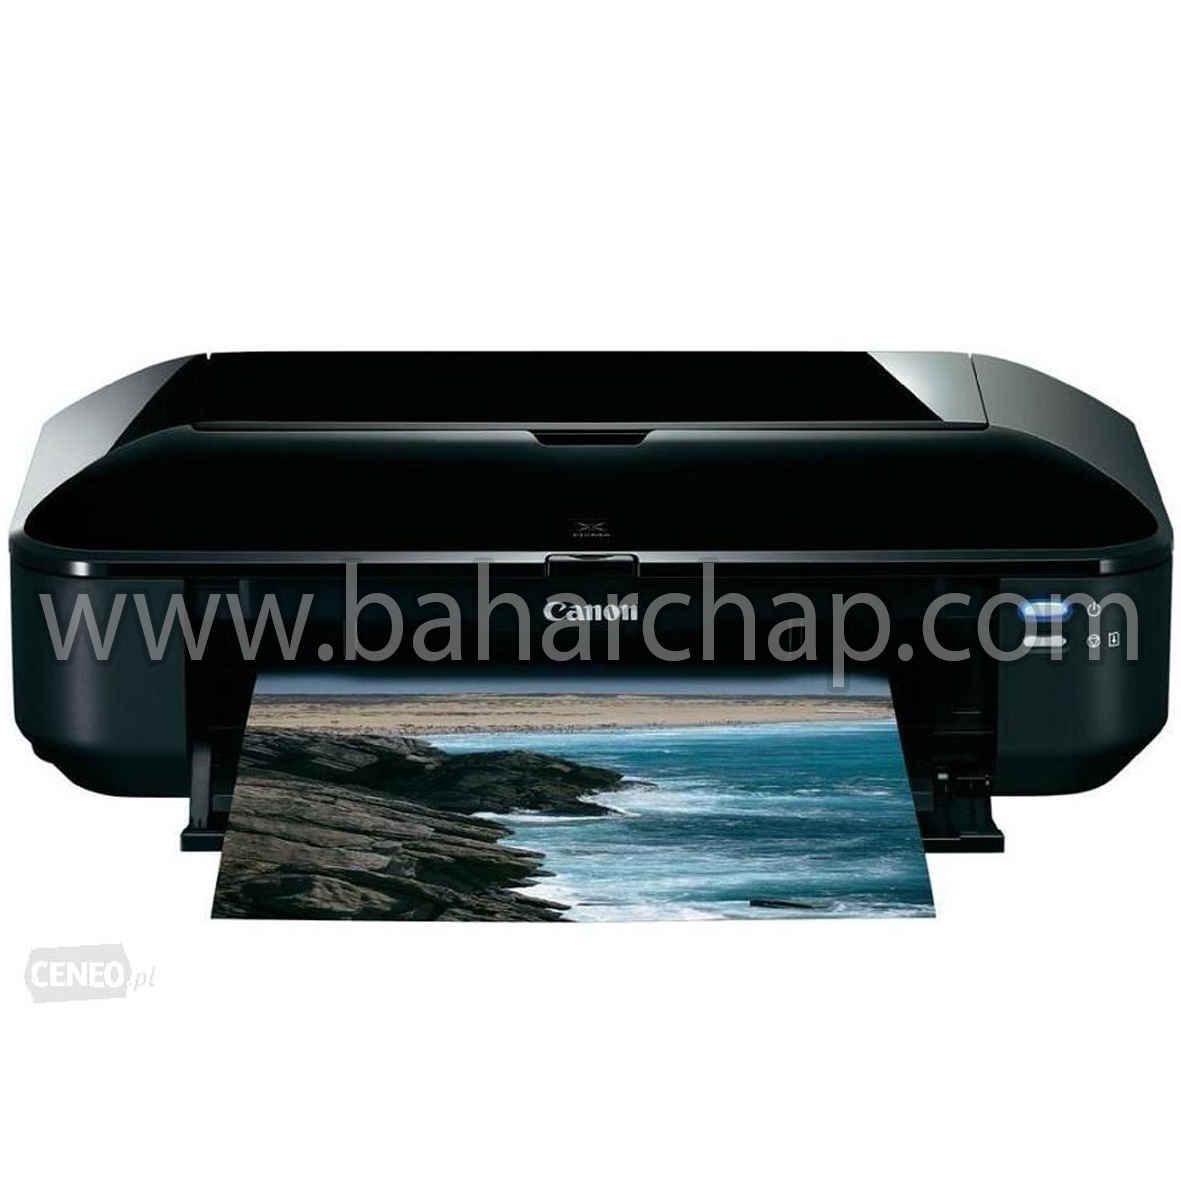 فروشگاه و خدمات اینترنتی بهارچاپ اصفهان-دانلود نرم افزار ریست پرینتر Canon IX6500-Reset canon by ST4905